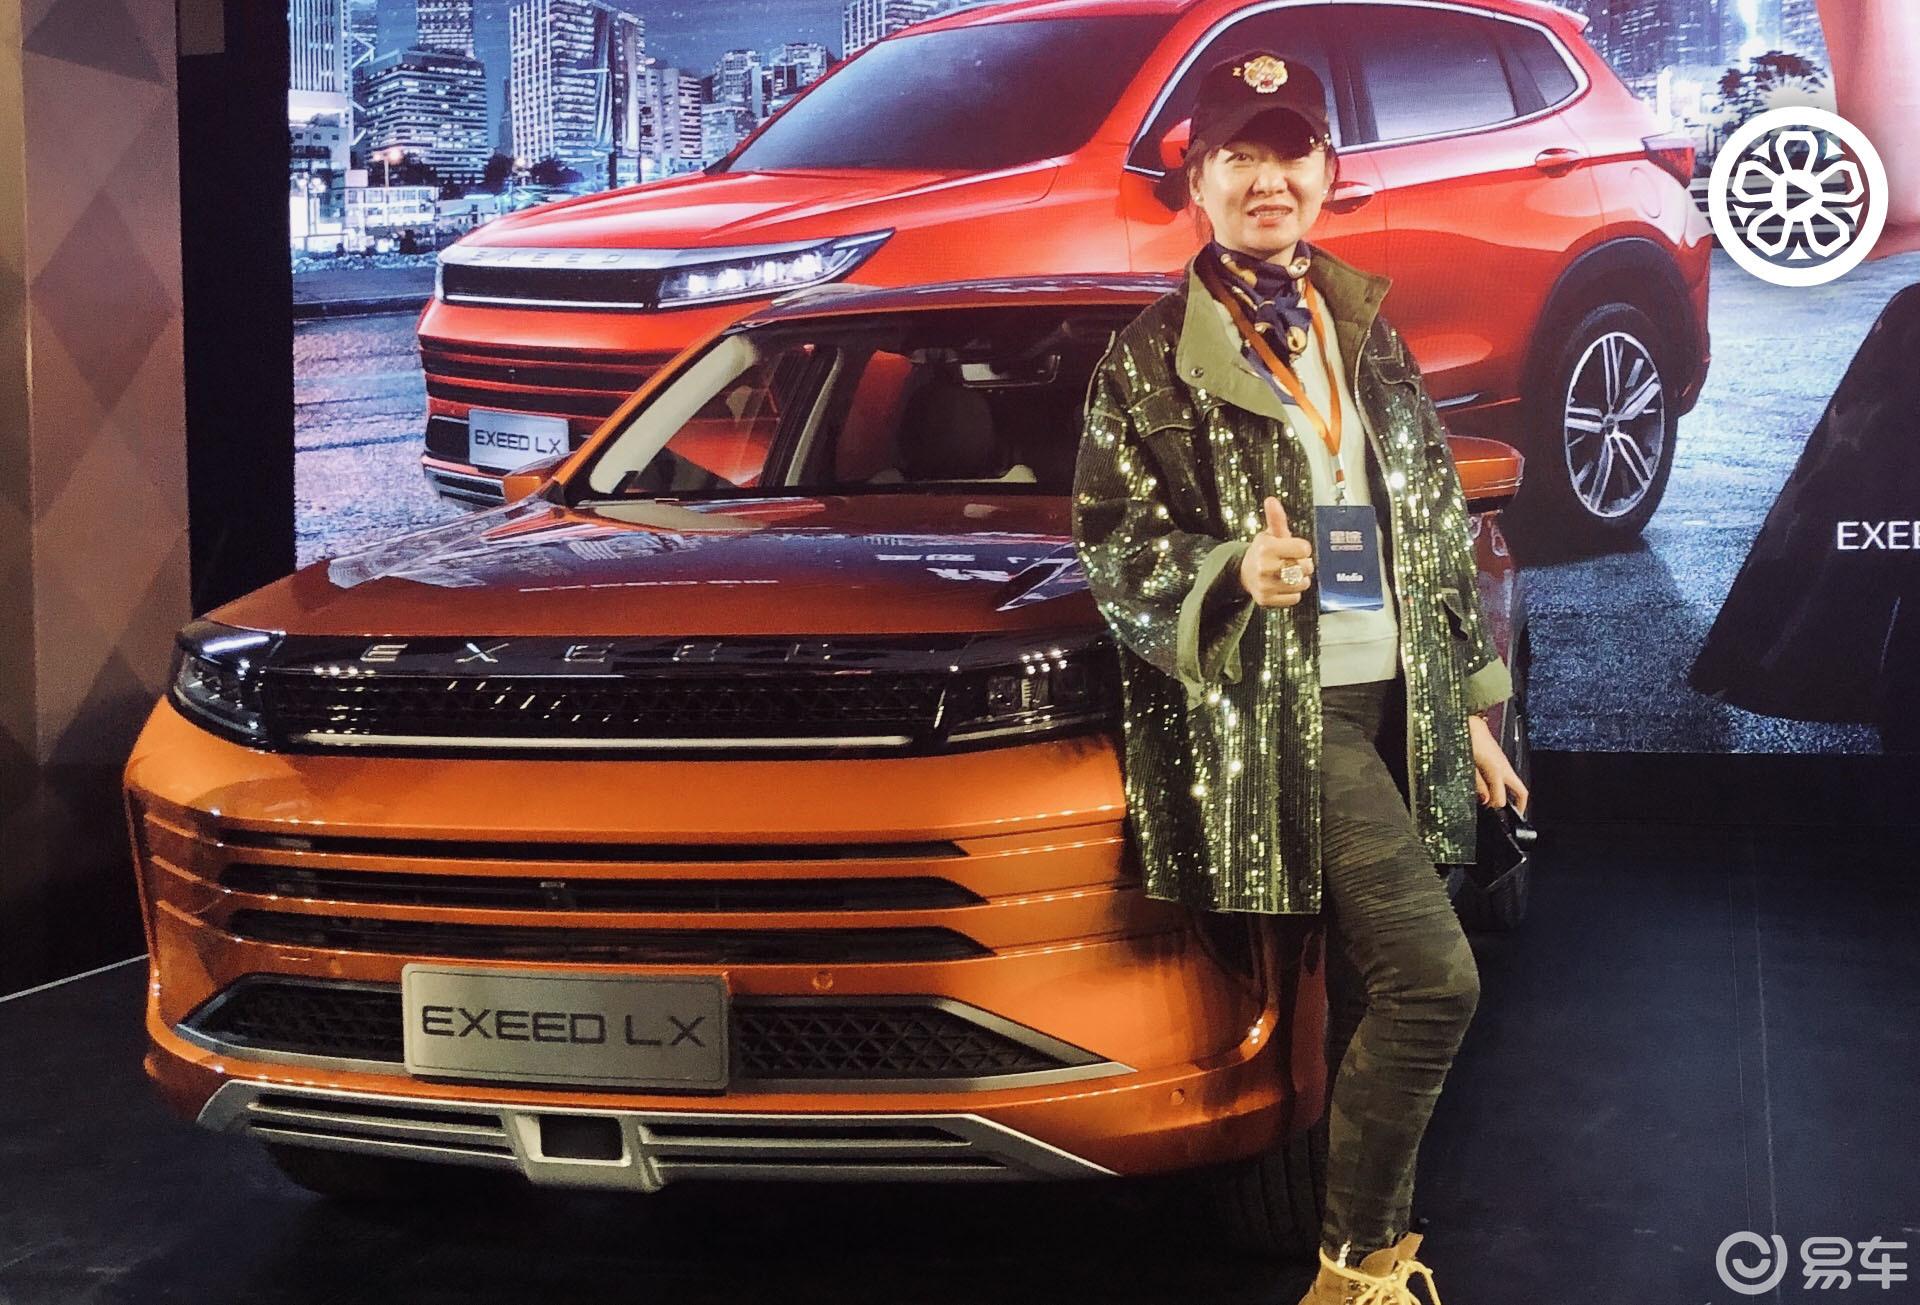 新车讯 | 国产智能SUV——星途LX登陆北京